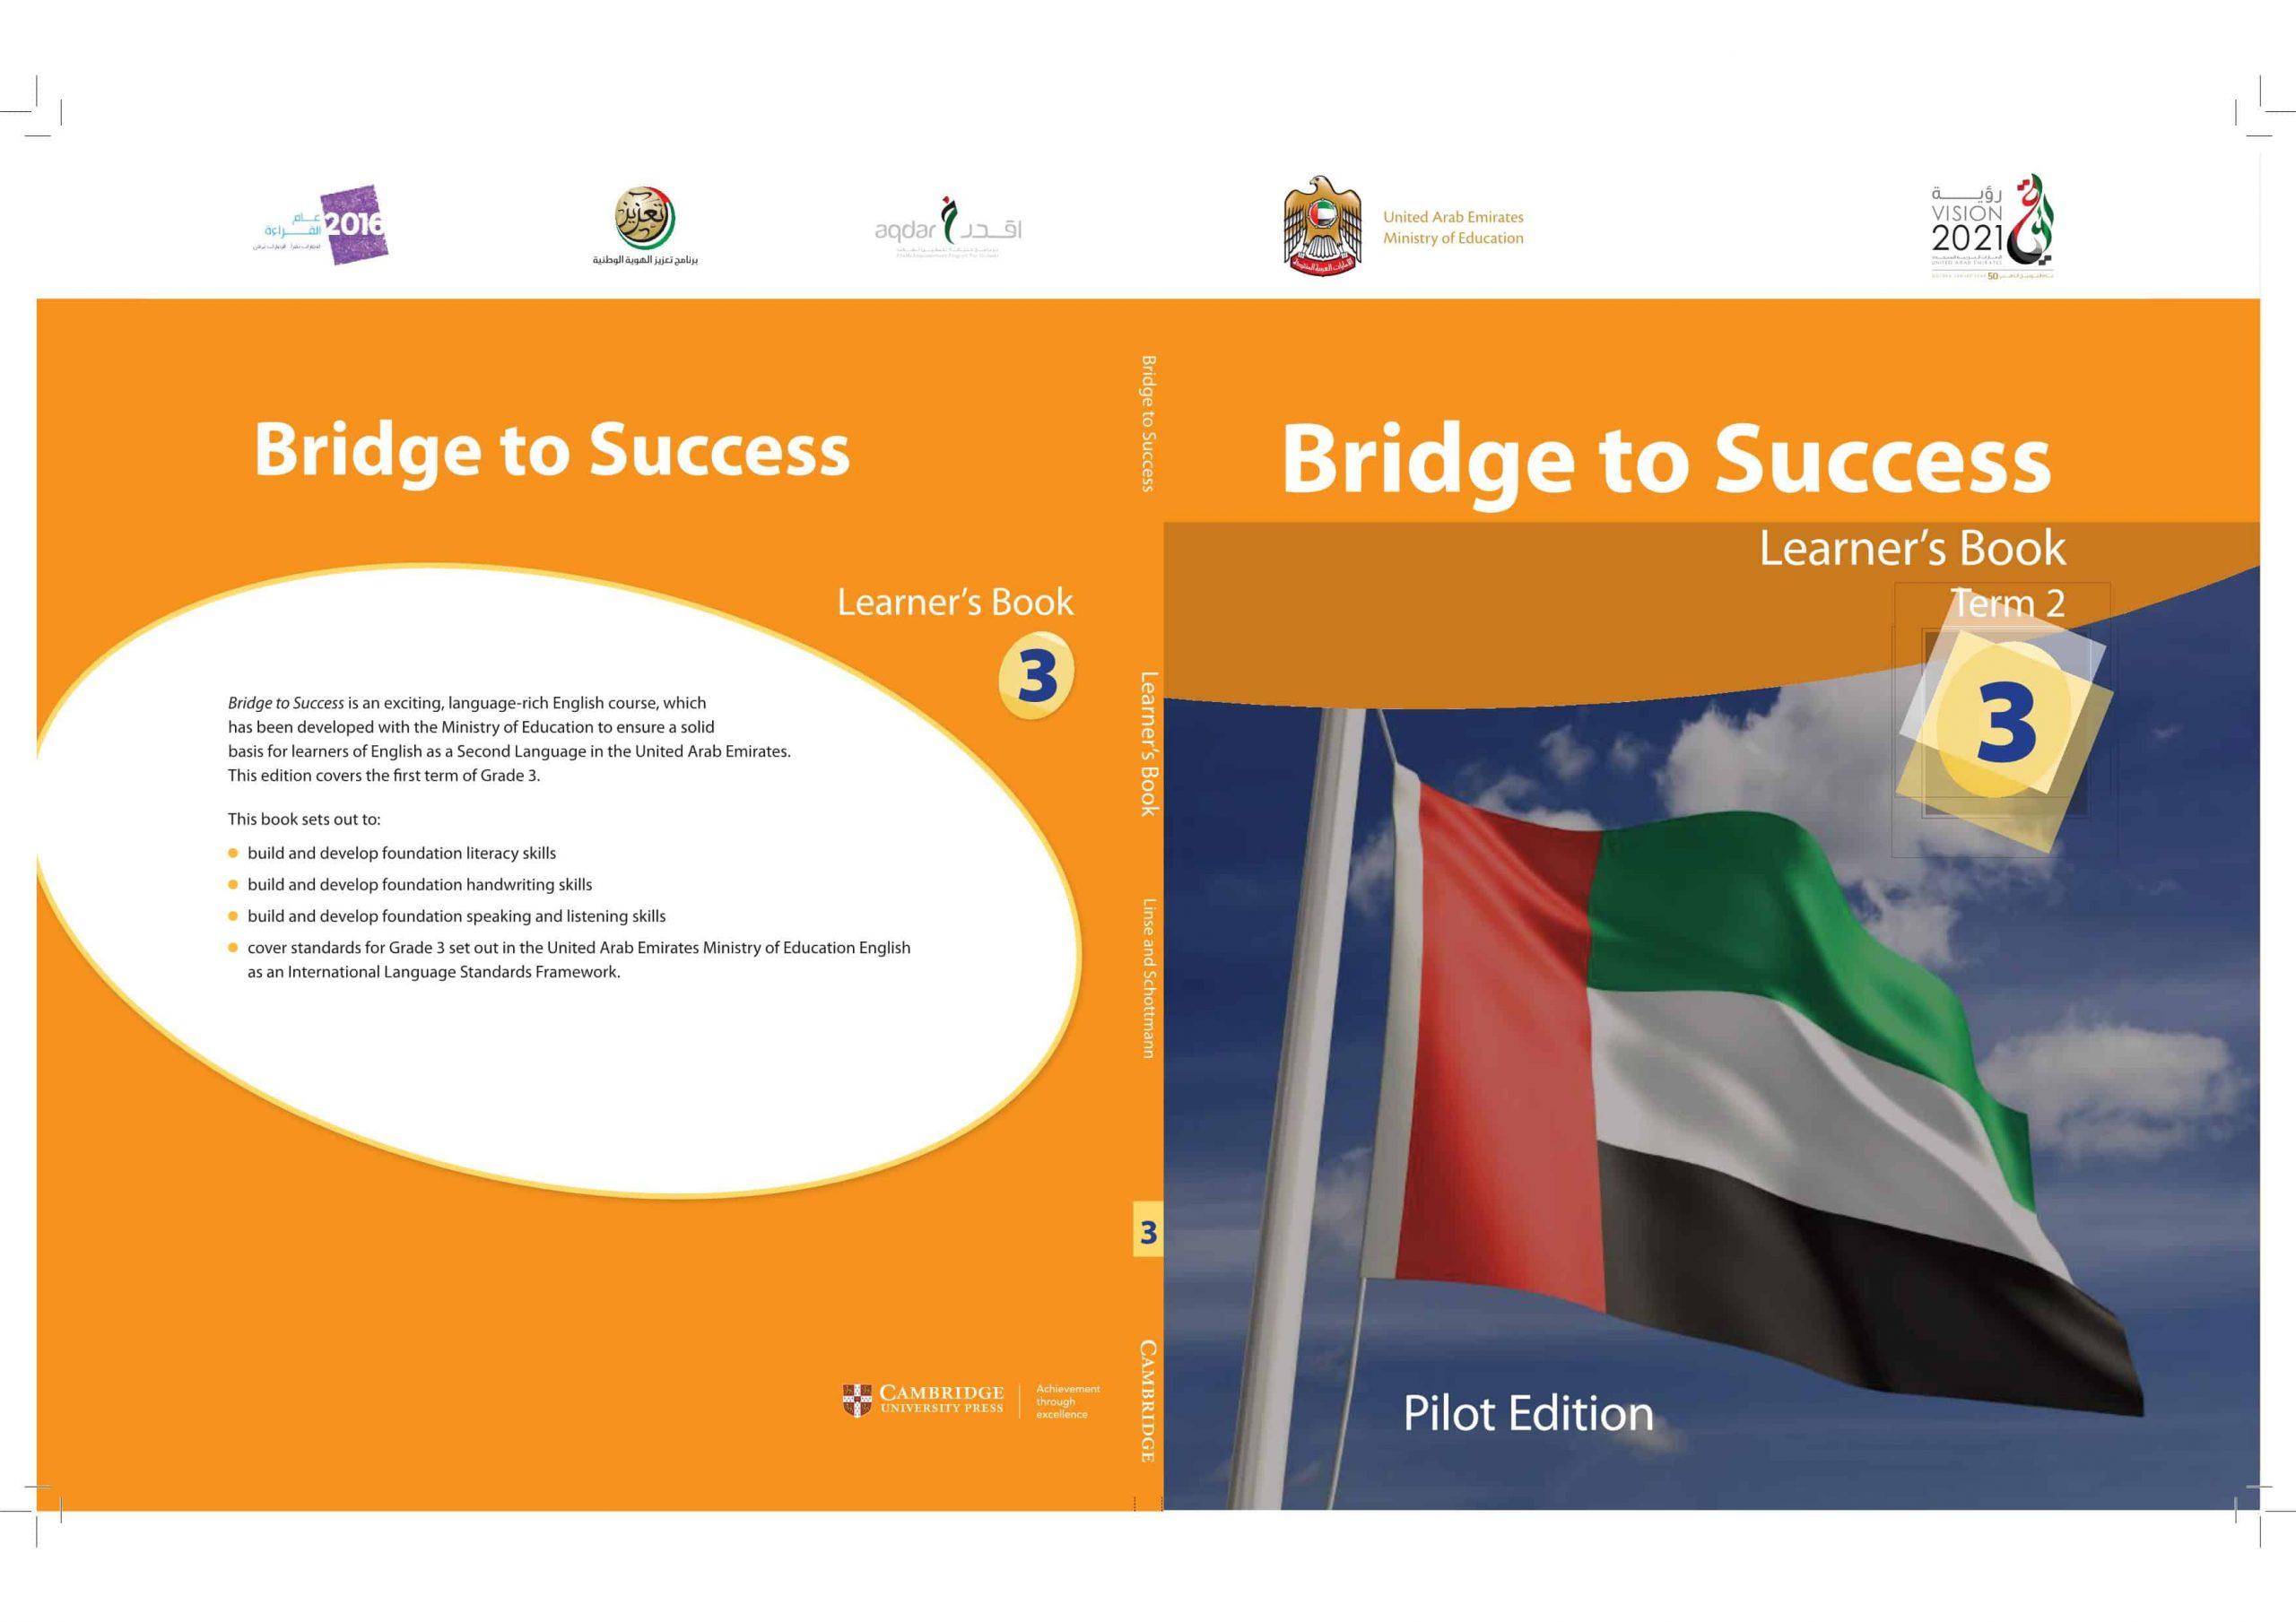 كتاب الطالب الفصل الدراسي الثاني الصف الثالث مادة اللغة الانجليزية